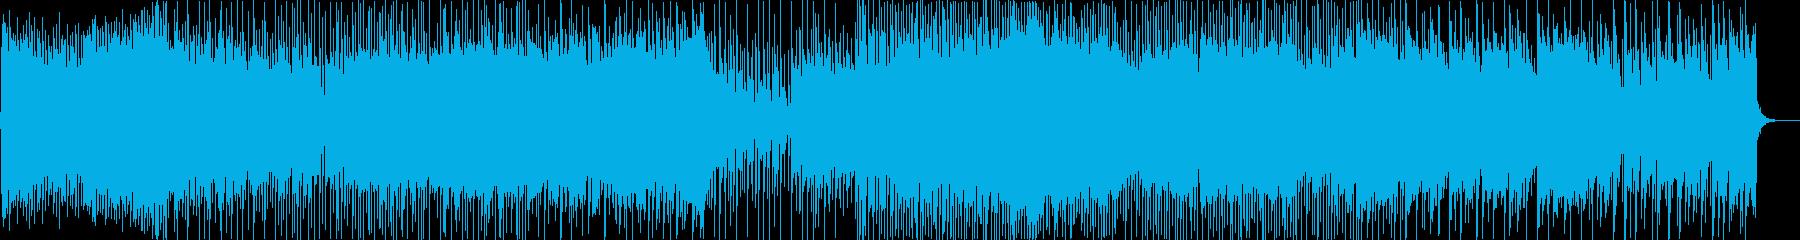 クールで近未来的EDM 和風ダブステップの再生済みの波形